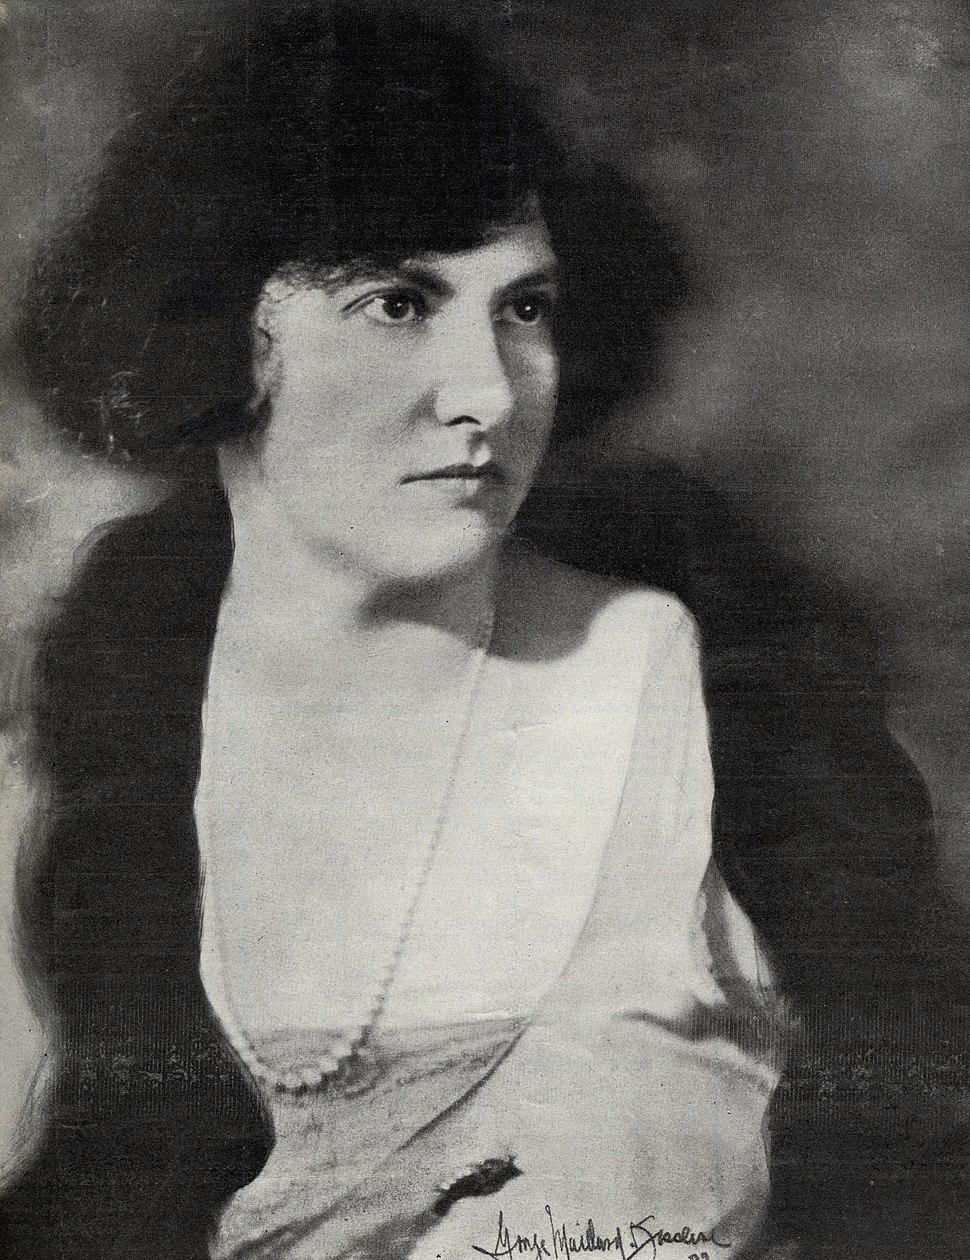 MarionBauer1922